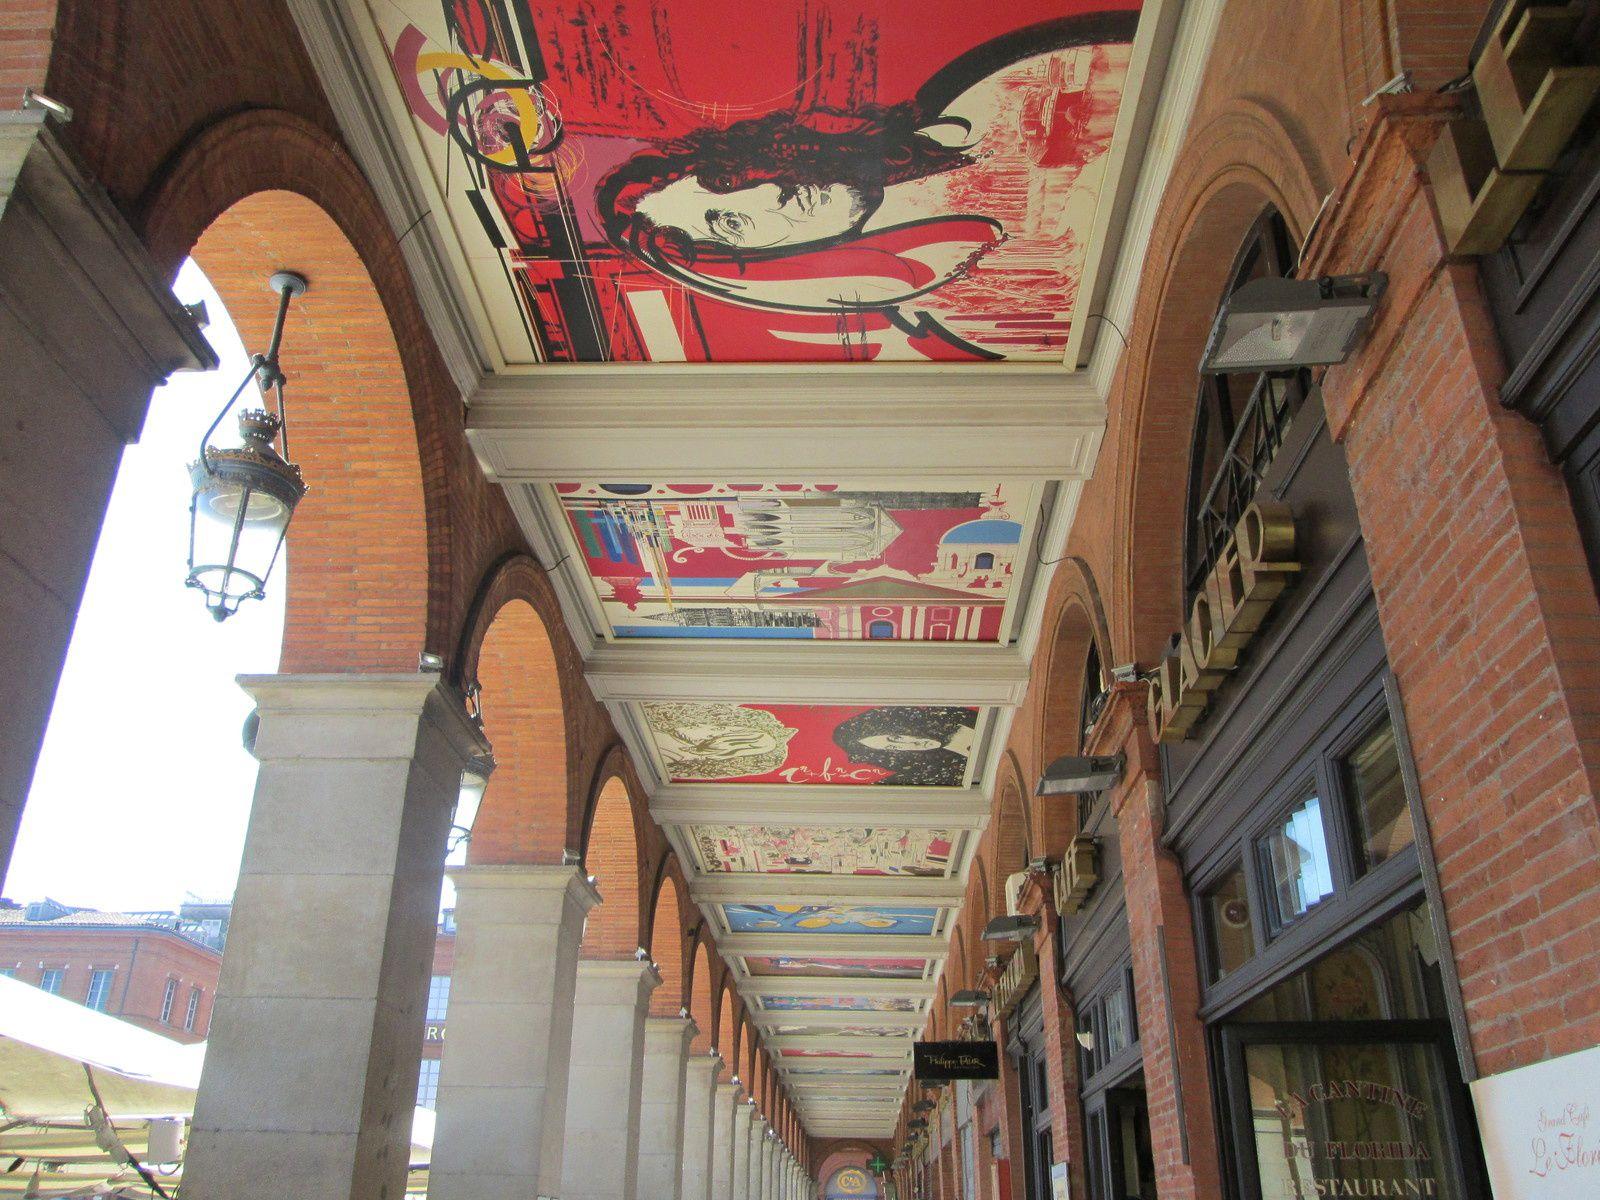 Brèves de trêve... Les tableaux de Moretti ornant les arcades du capitole